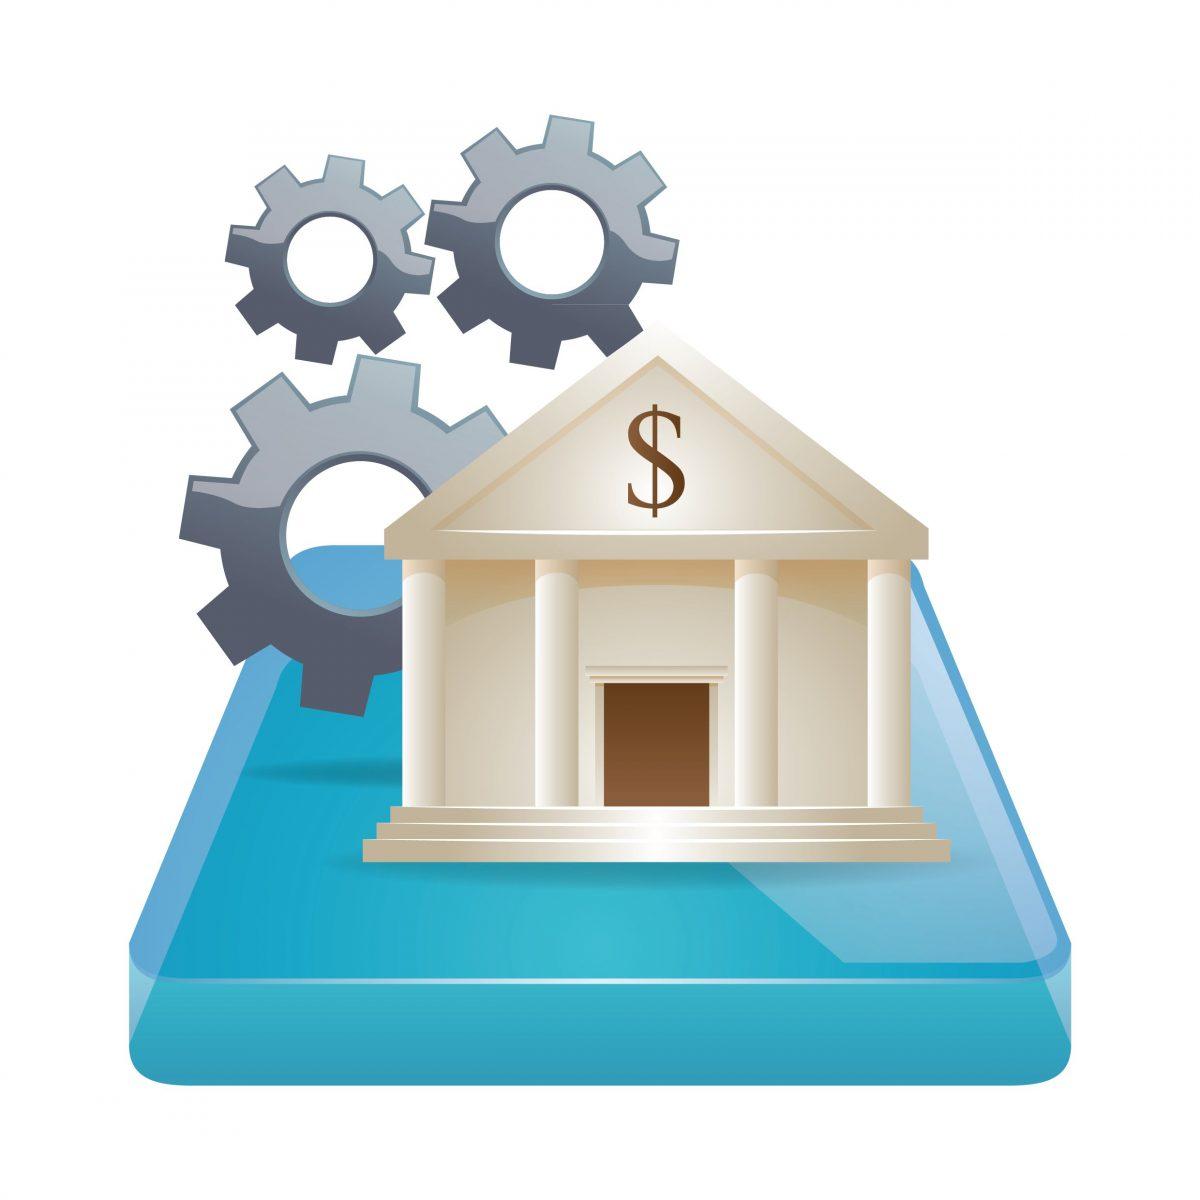 Les banques améliorent leur image grâce au rachat de crédit